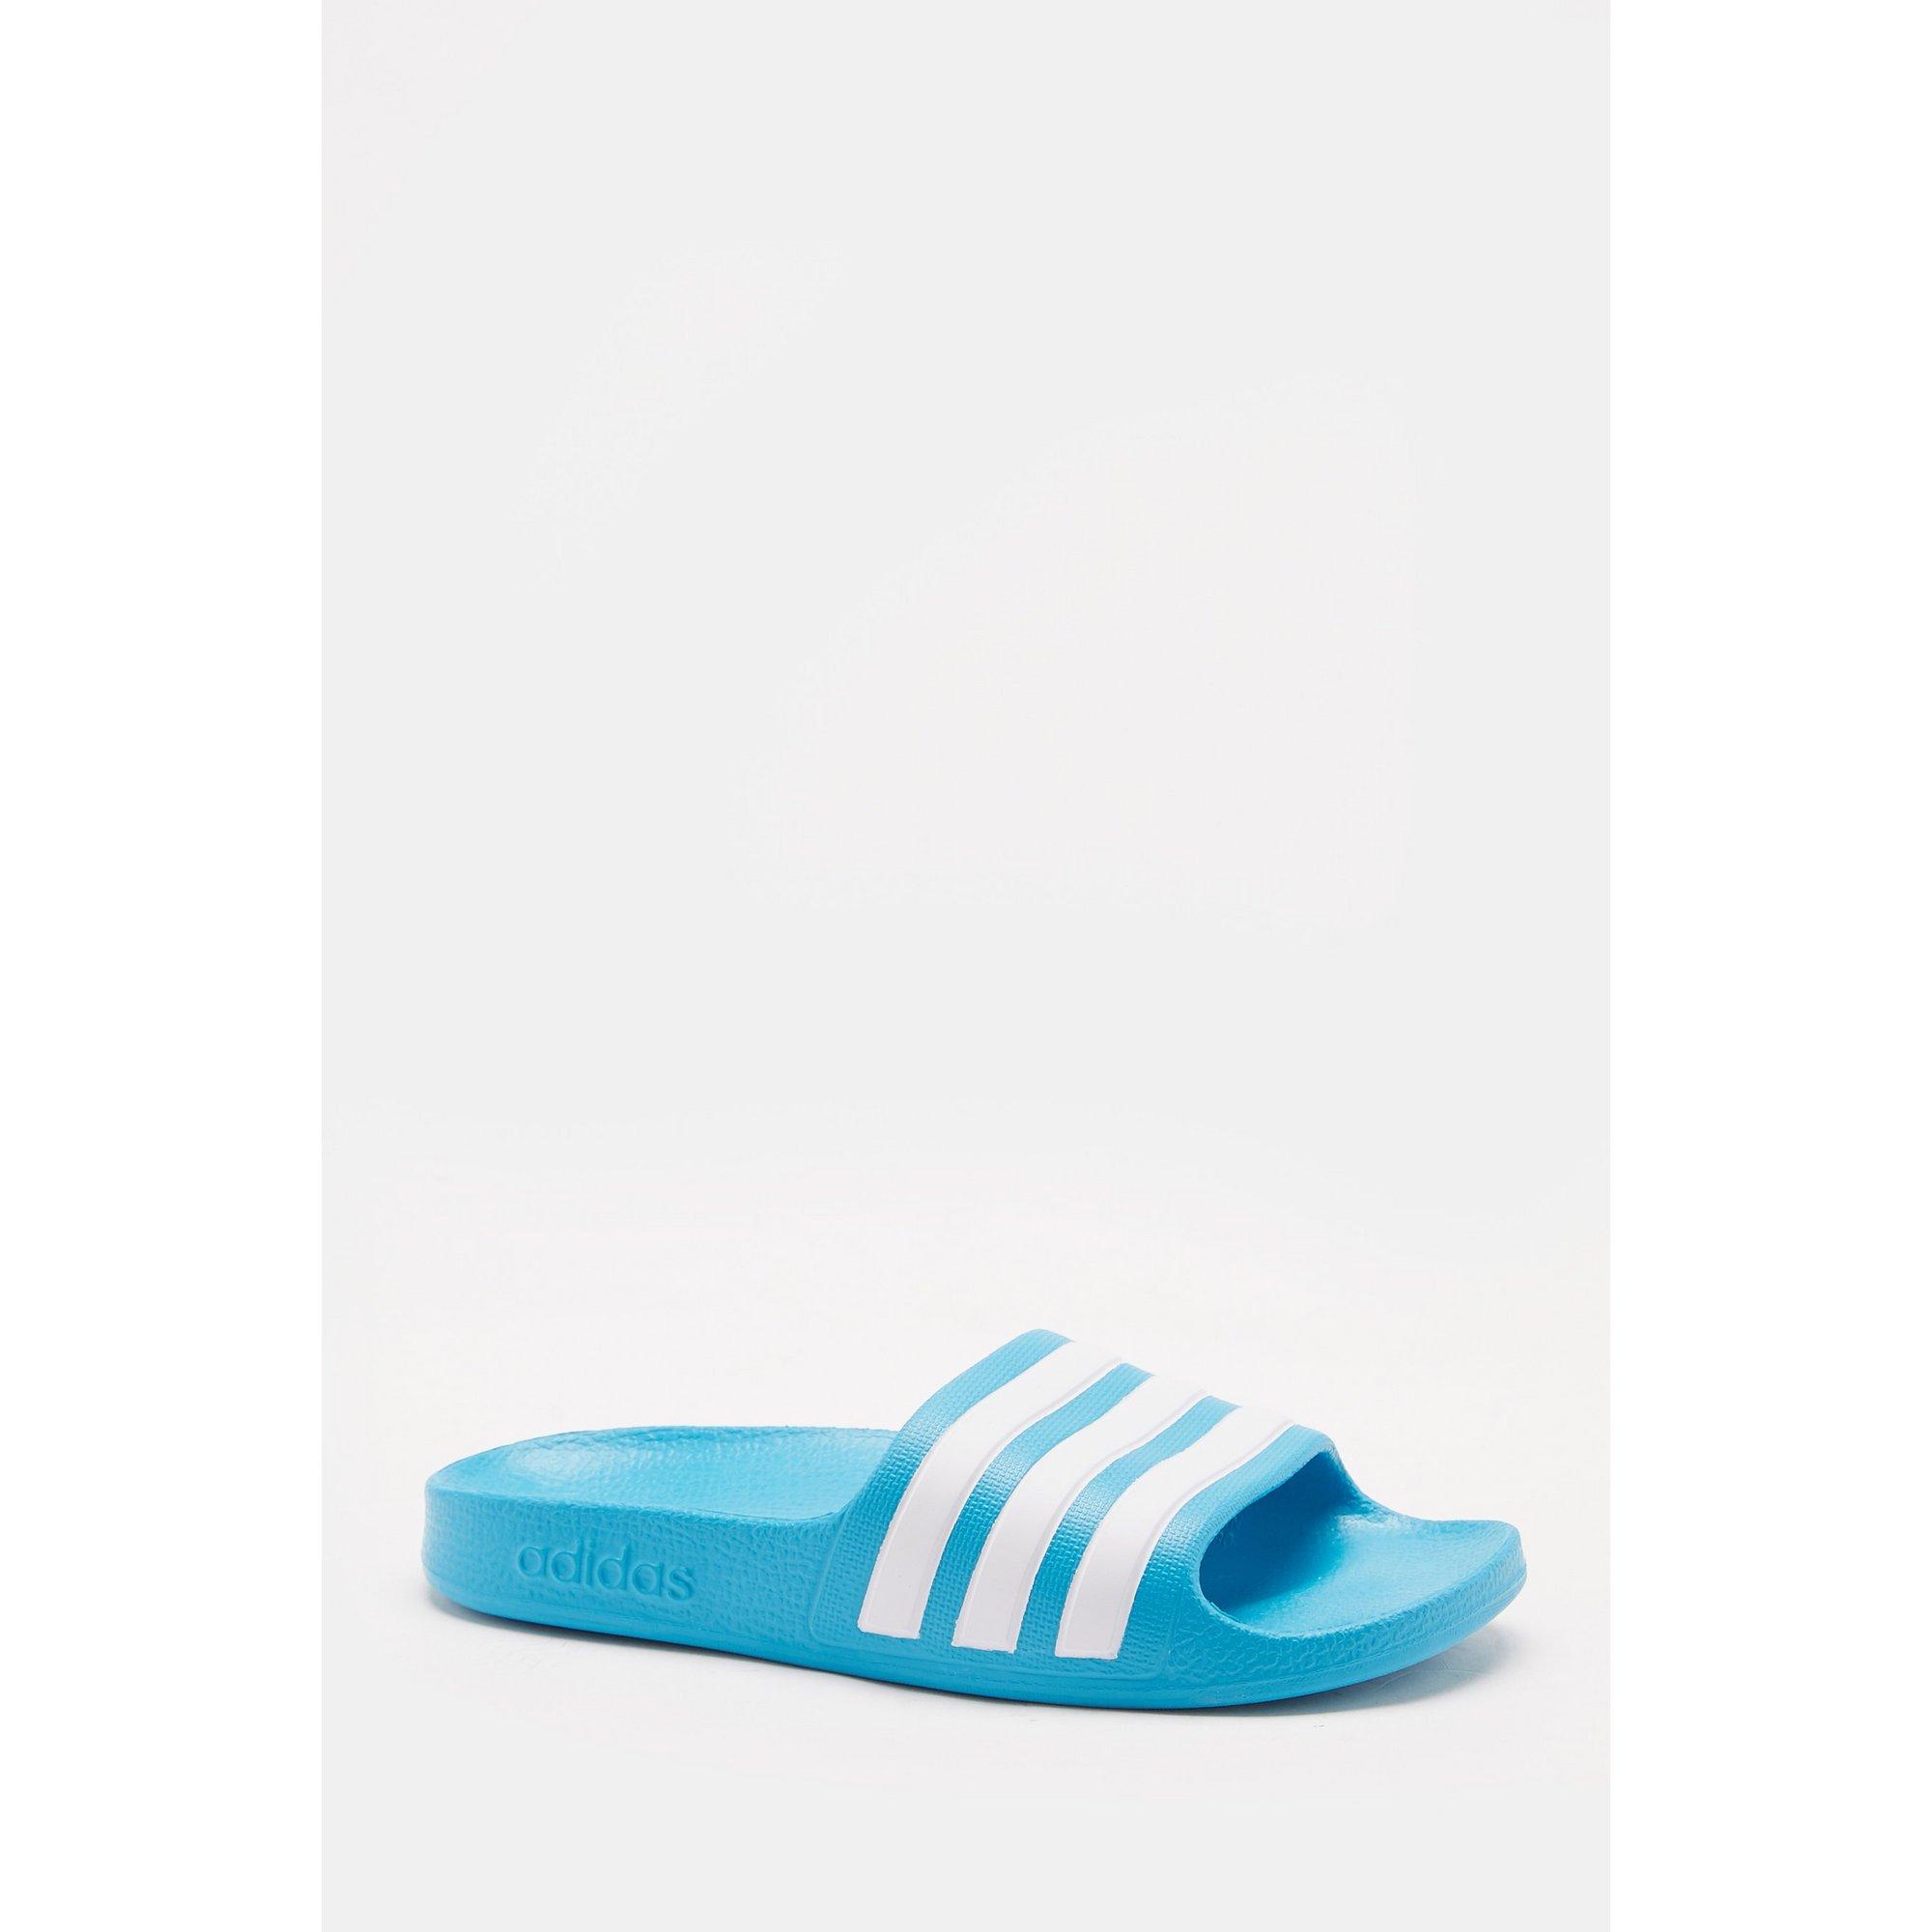 Image of adidas Adilette Aqua Blue Sliders